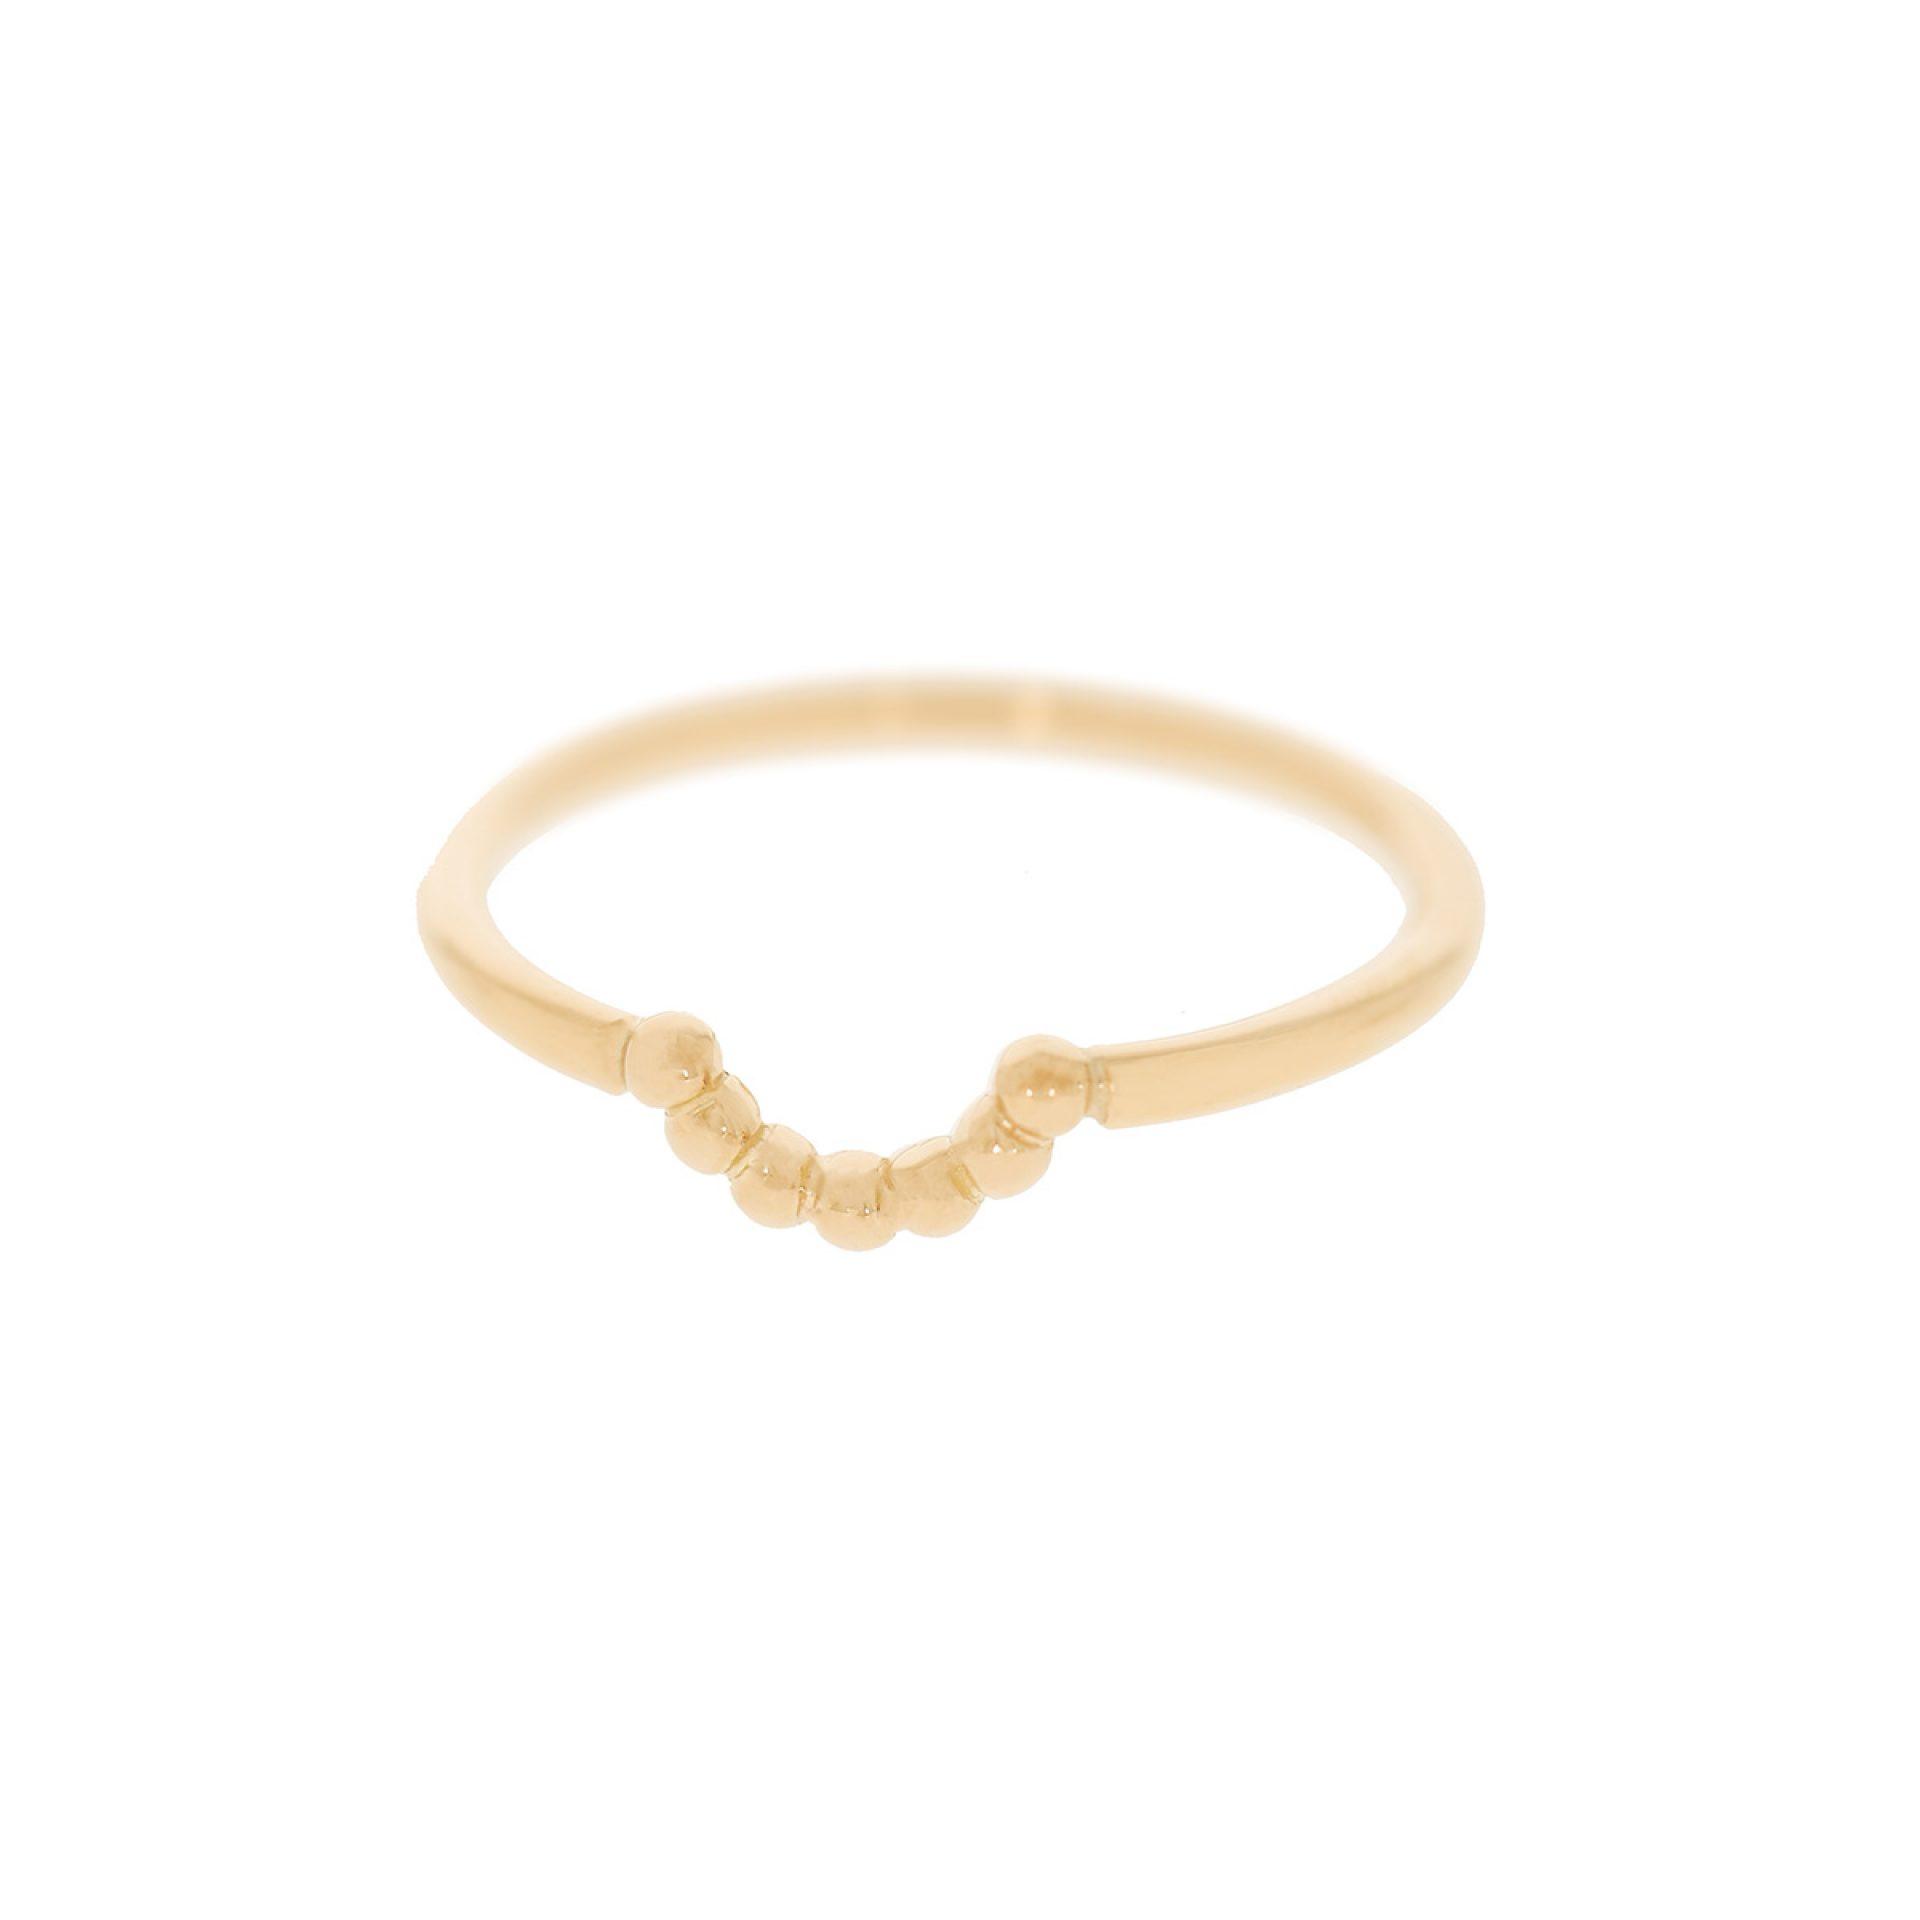 goldschmied winterthur ring personalisiert